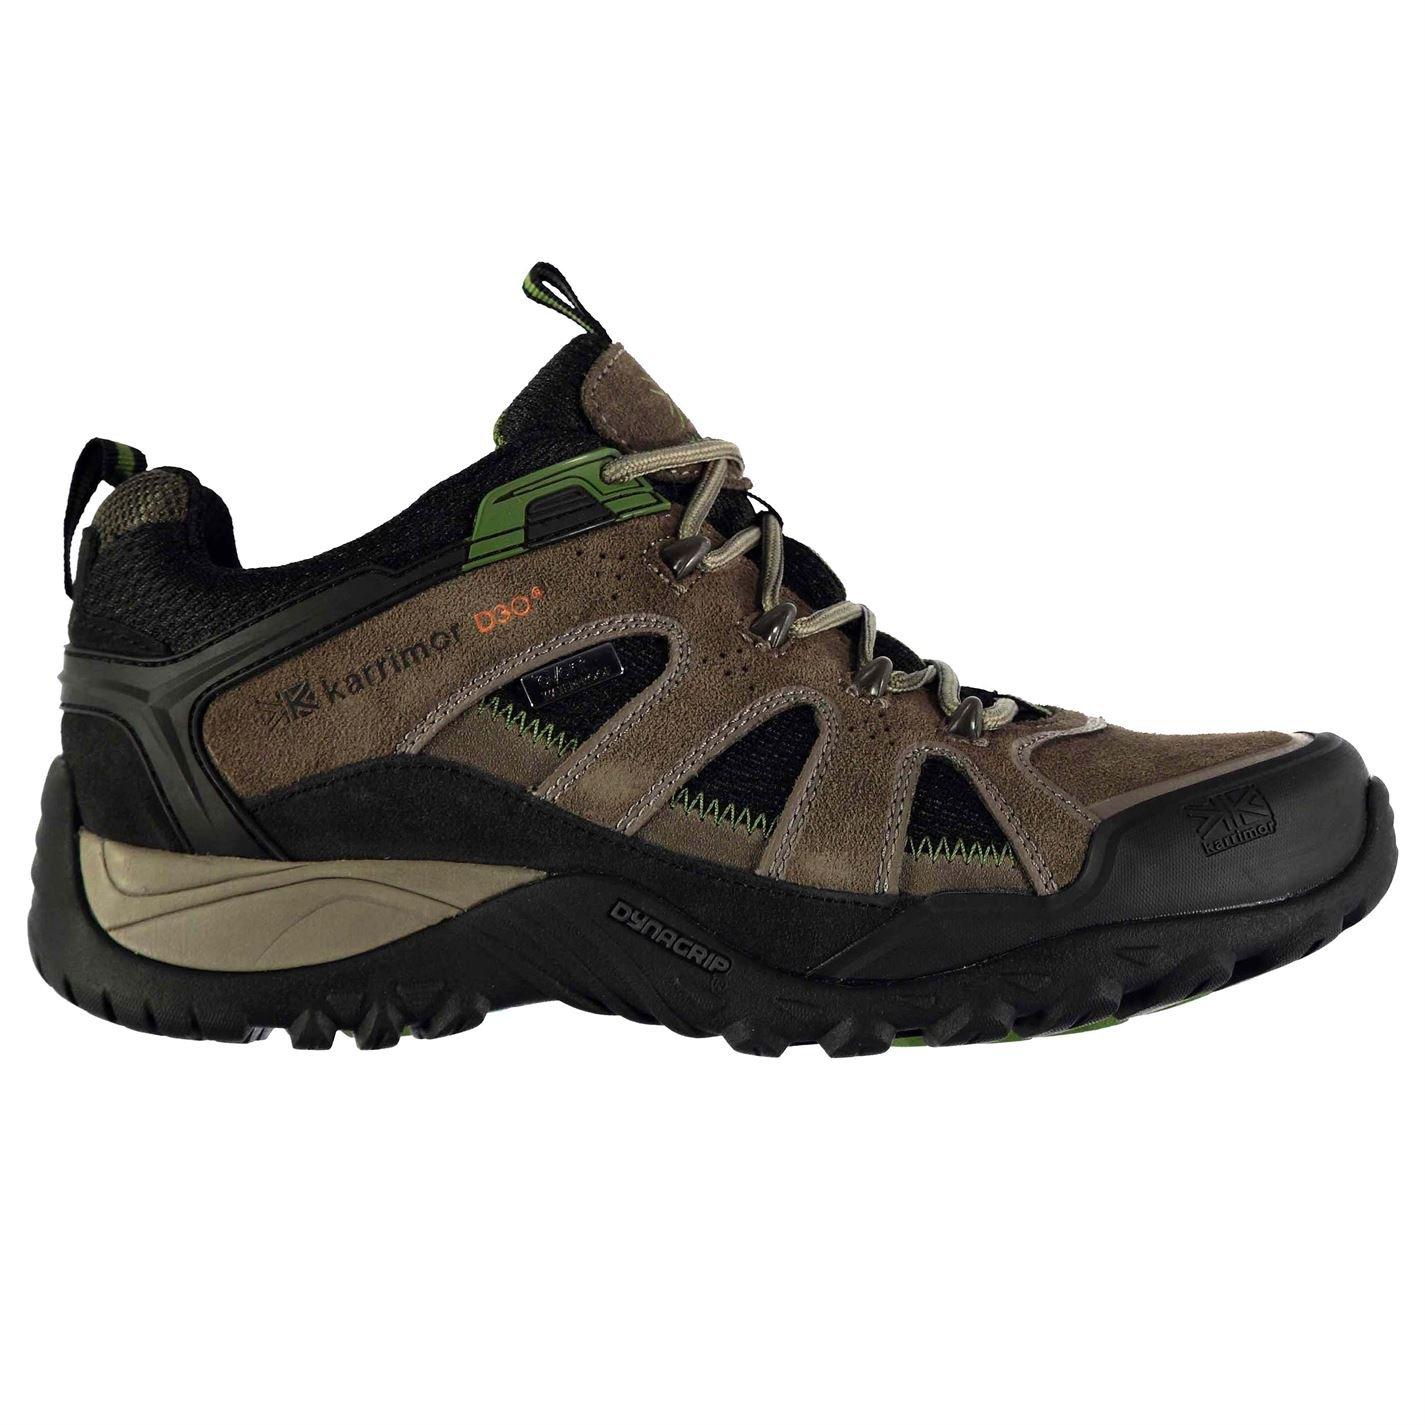 Karrimor Mens Ridge Walking Shoes Waterproof Lace Up Padded Insole Footwear